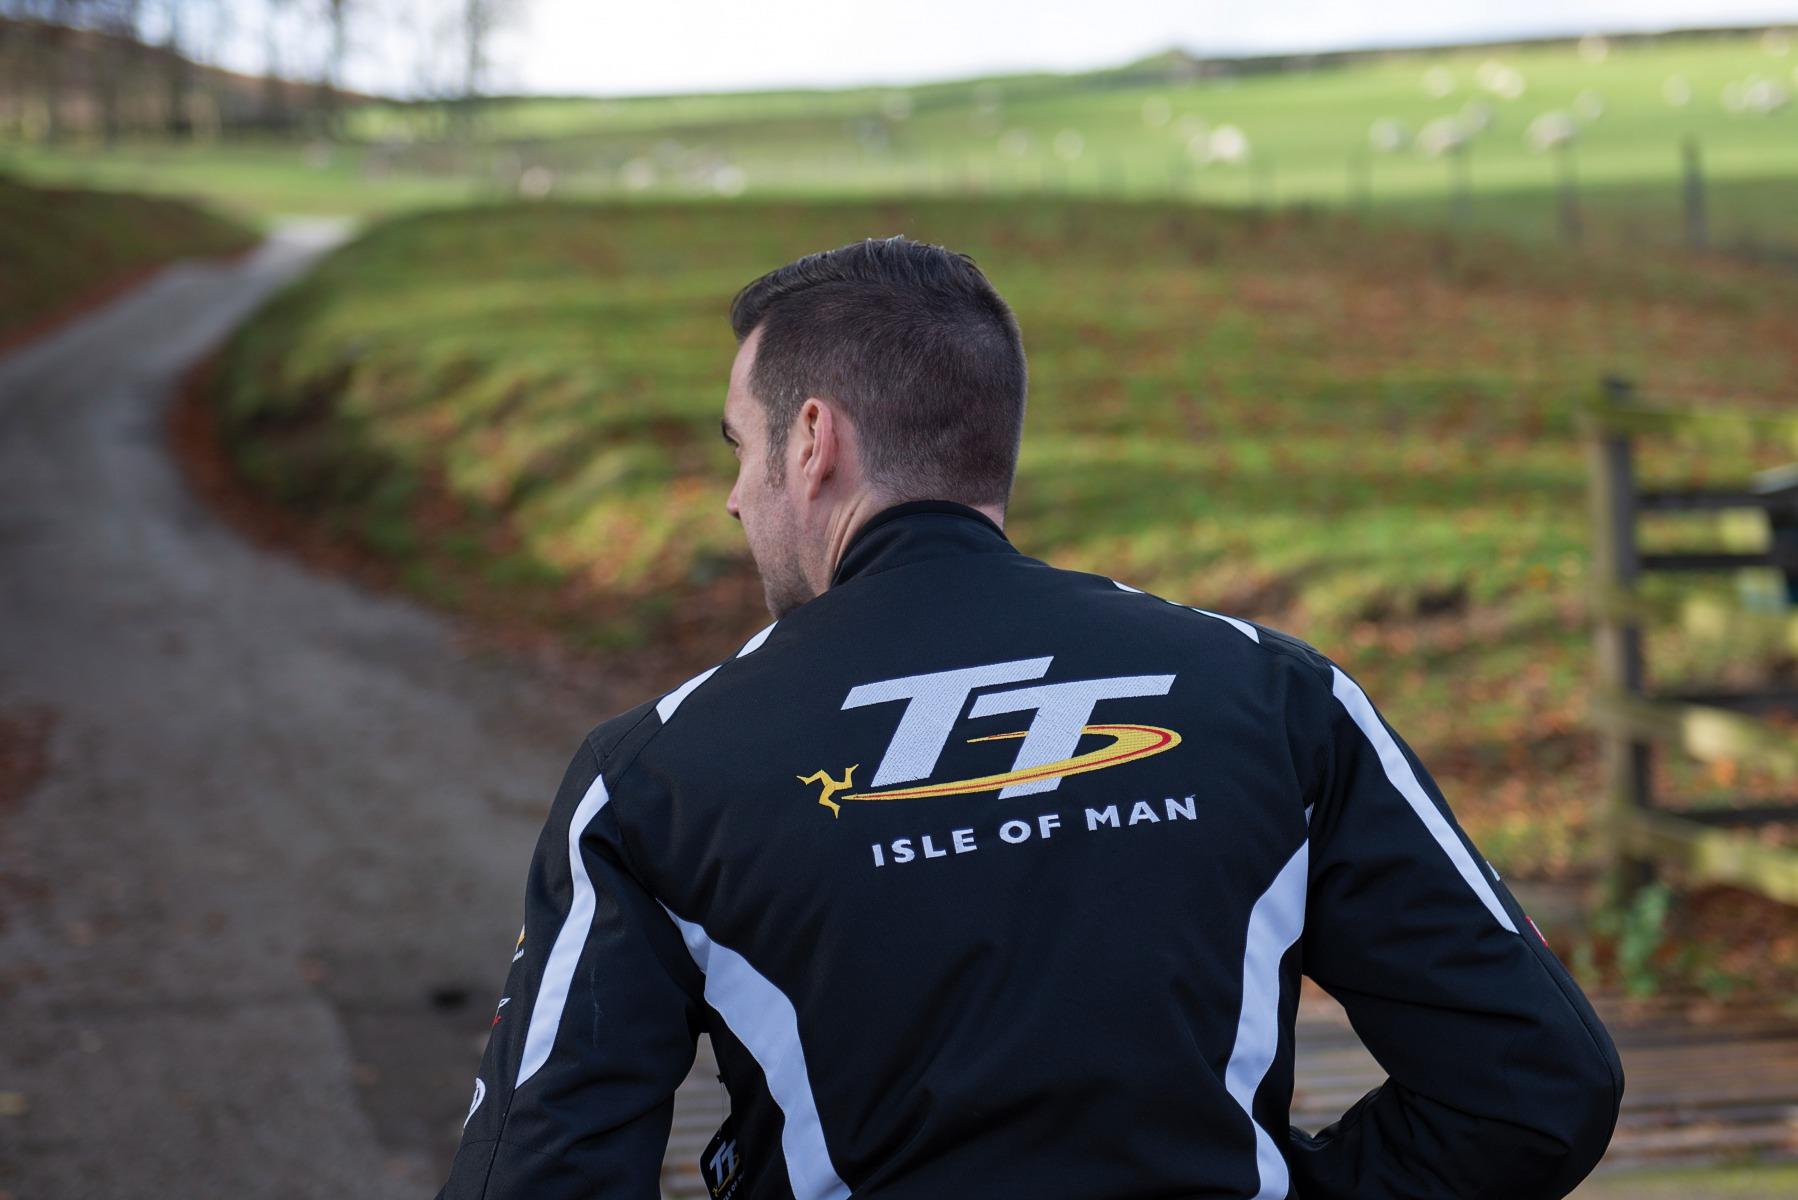 102233-rst-iom-tt-team-jacket-lifestyle-02